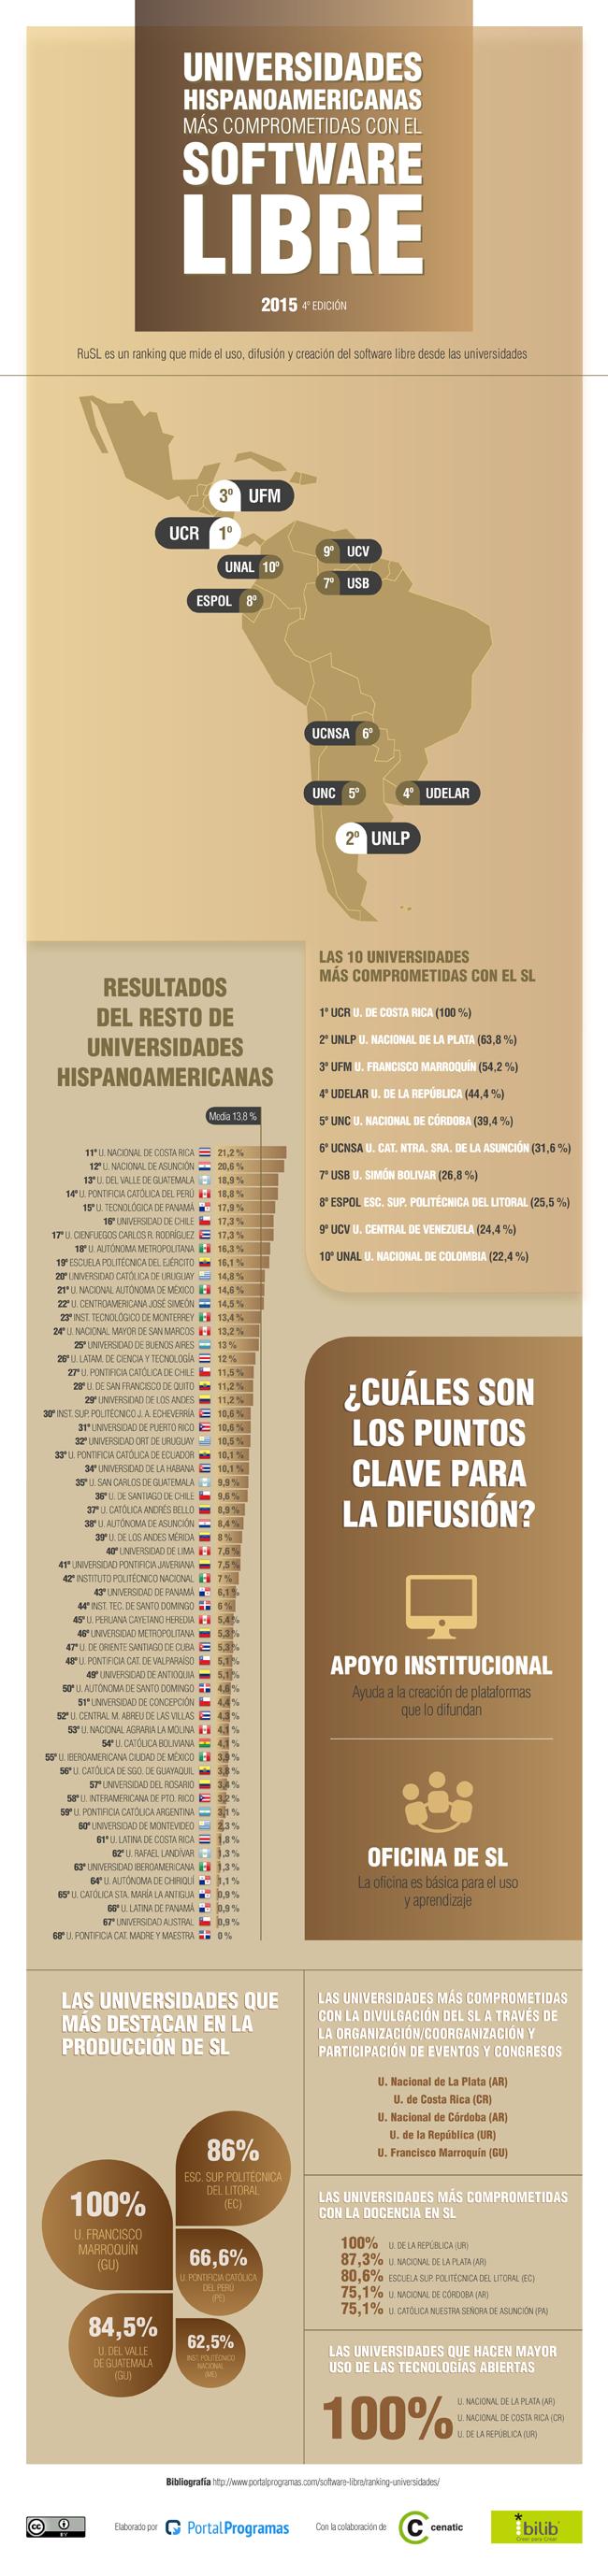 Las mejores universidades hispanoamericanas en software libre en 2015 - Infografía